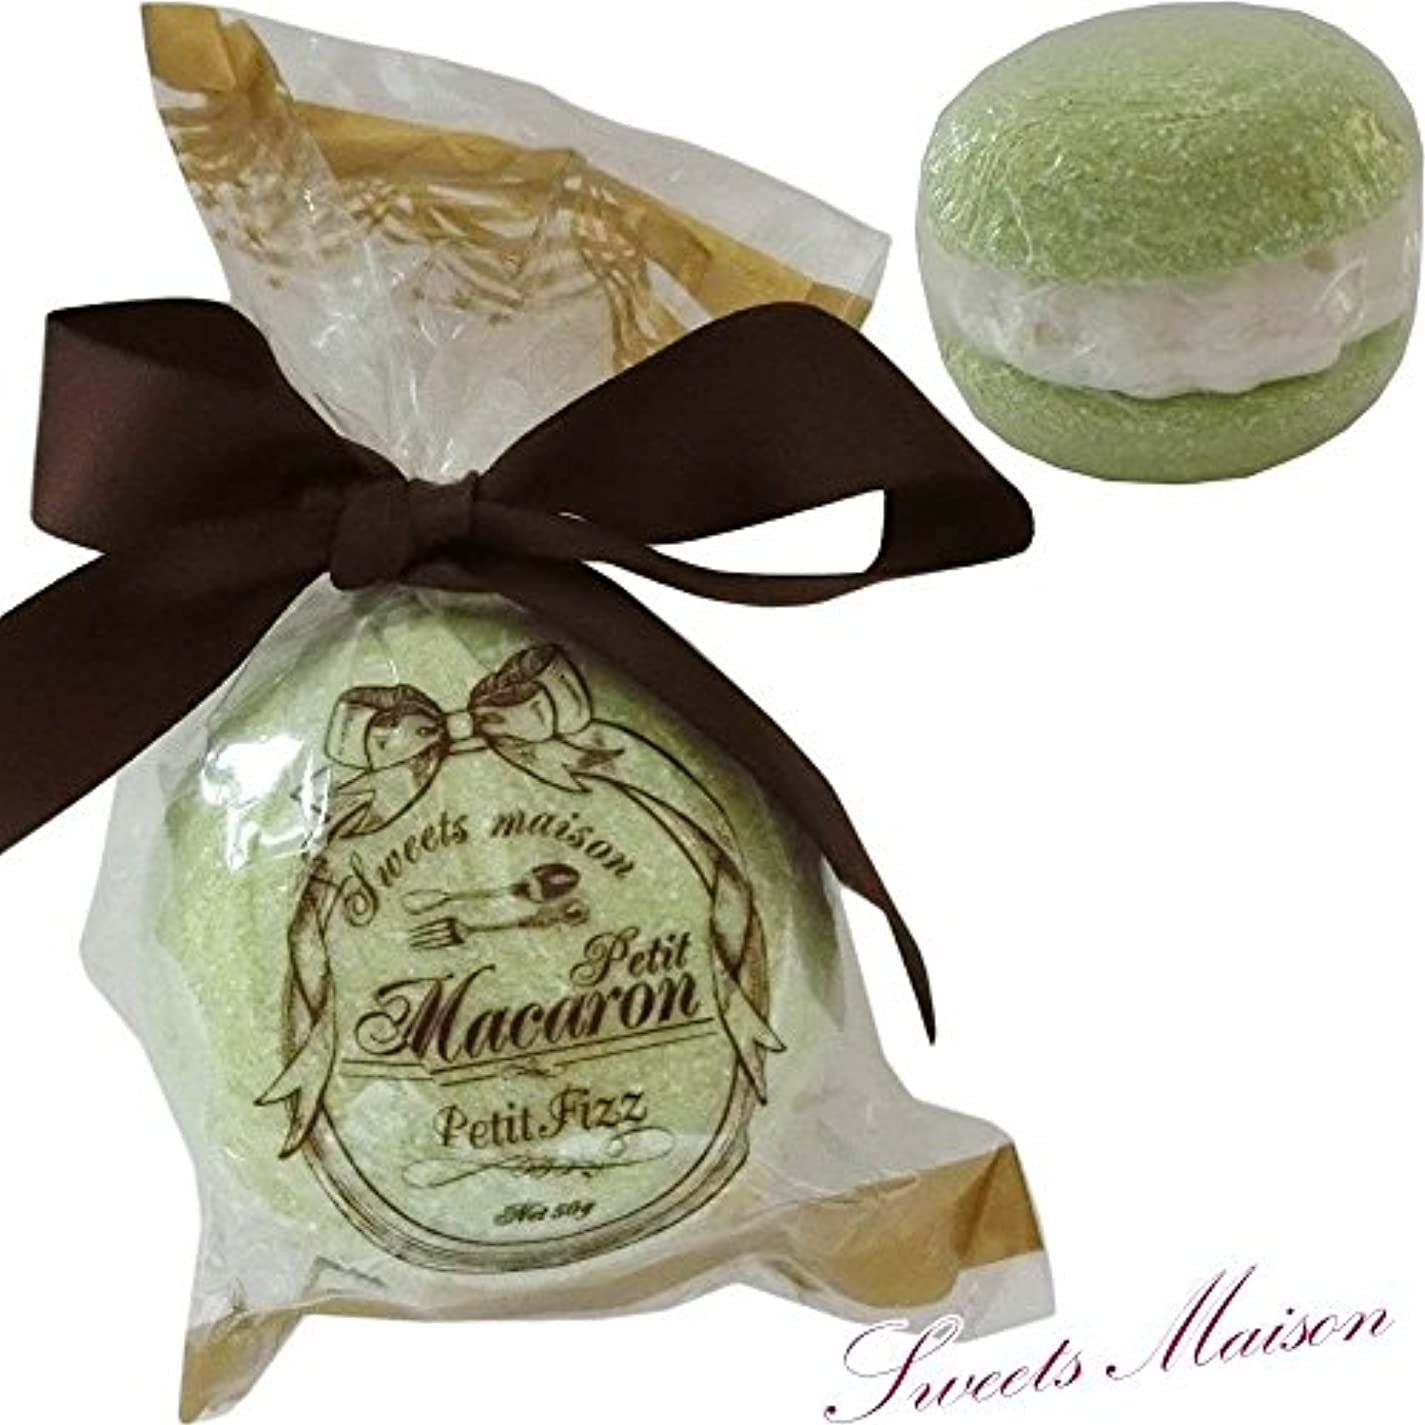 南アメリカチャップ雑草【Sweets Maison】プチマカロンフィズ さわやかなベルガモットティーの香り 1個